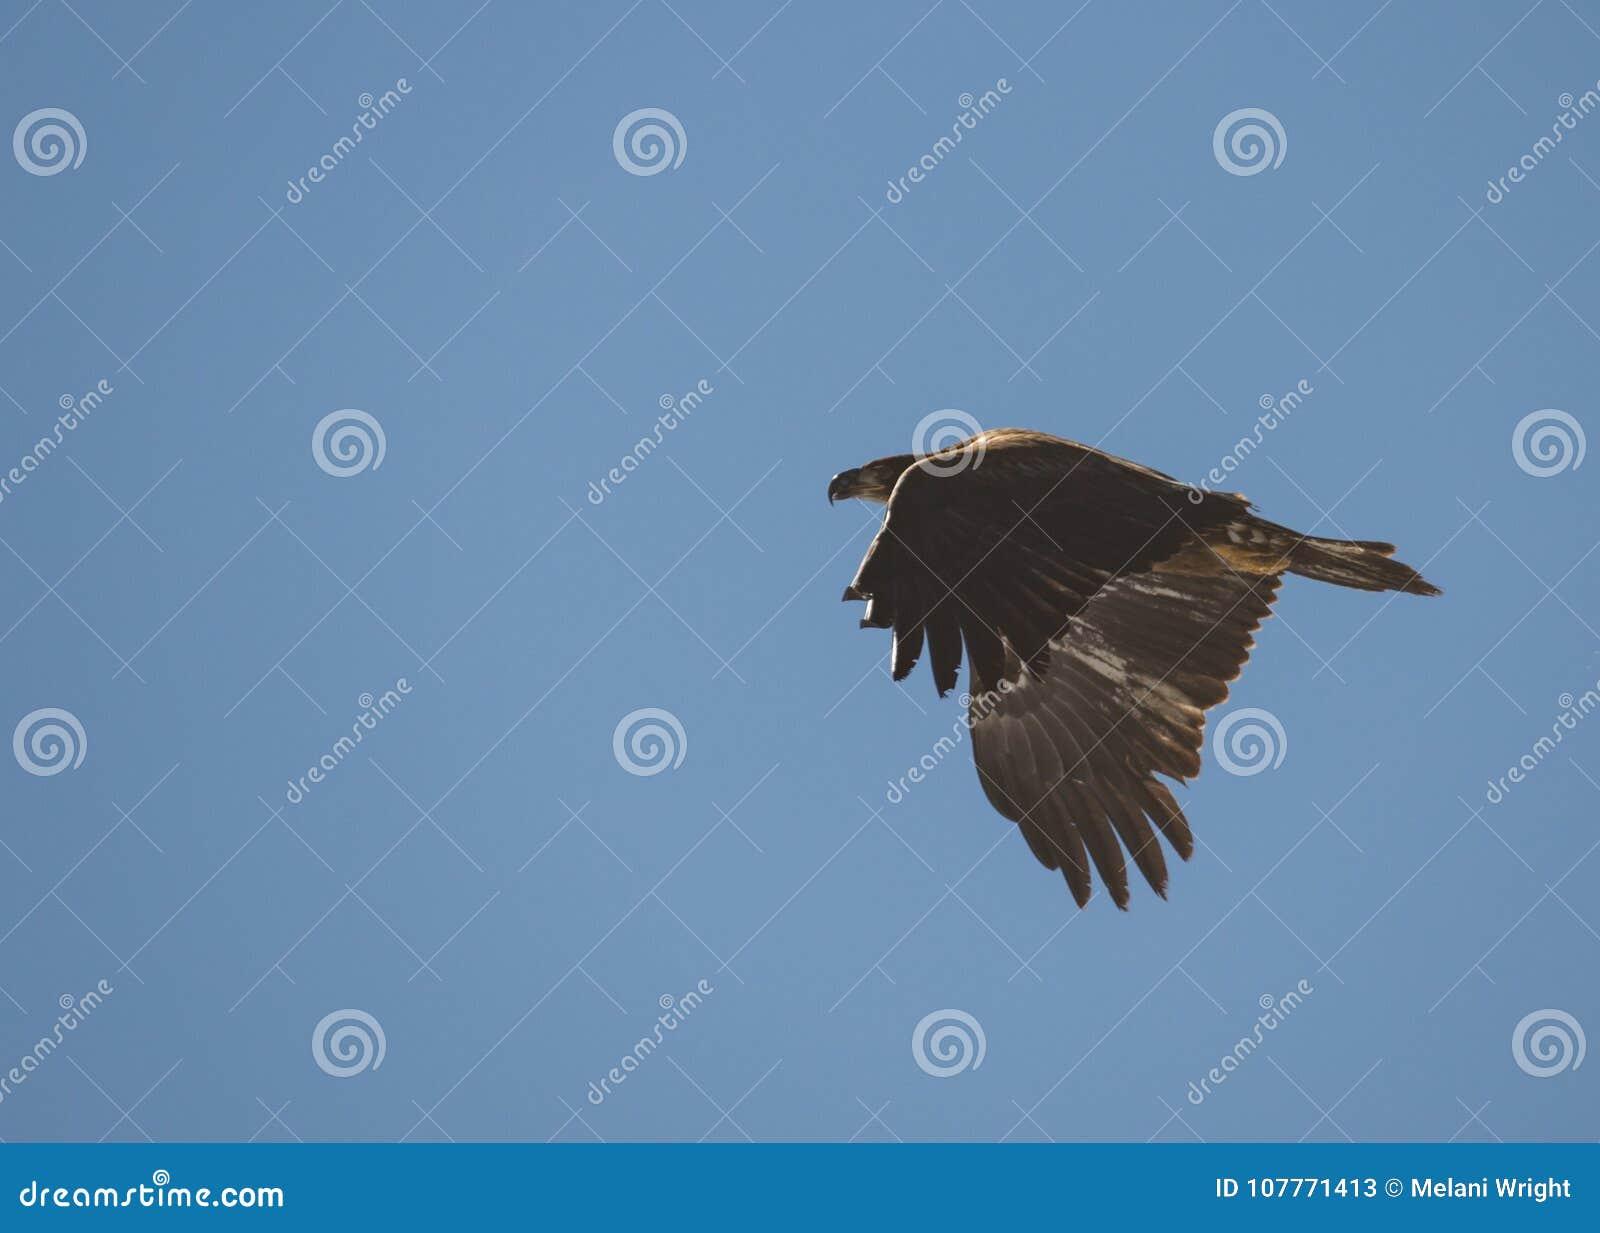 Onrijpe kale adelaar tijdens de vlucht met omhoog vleugels